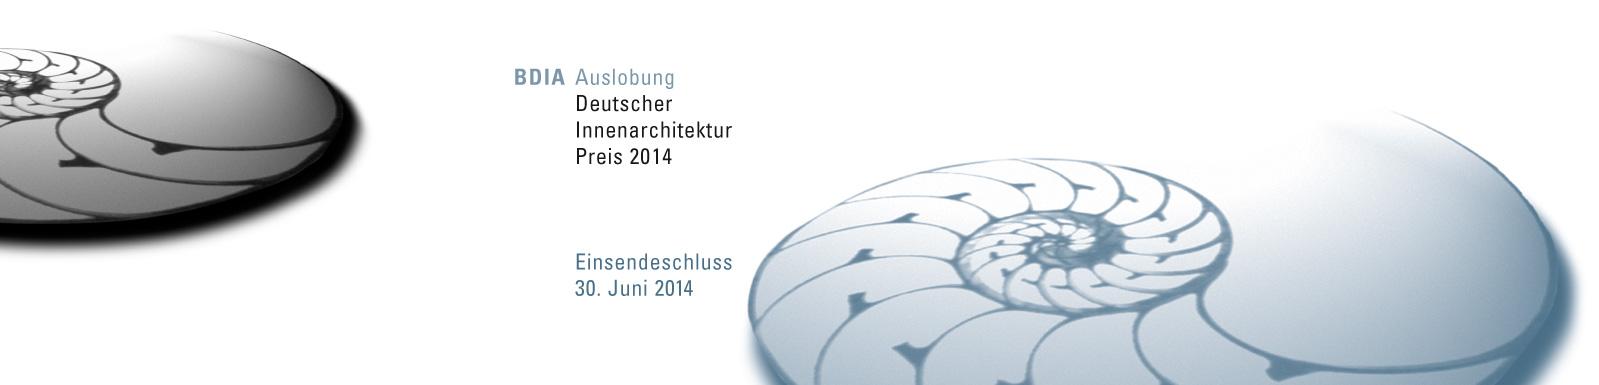 pressemeldungen - bdia bund deutscher innenarchitekten, Innenarchitektur ideen